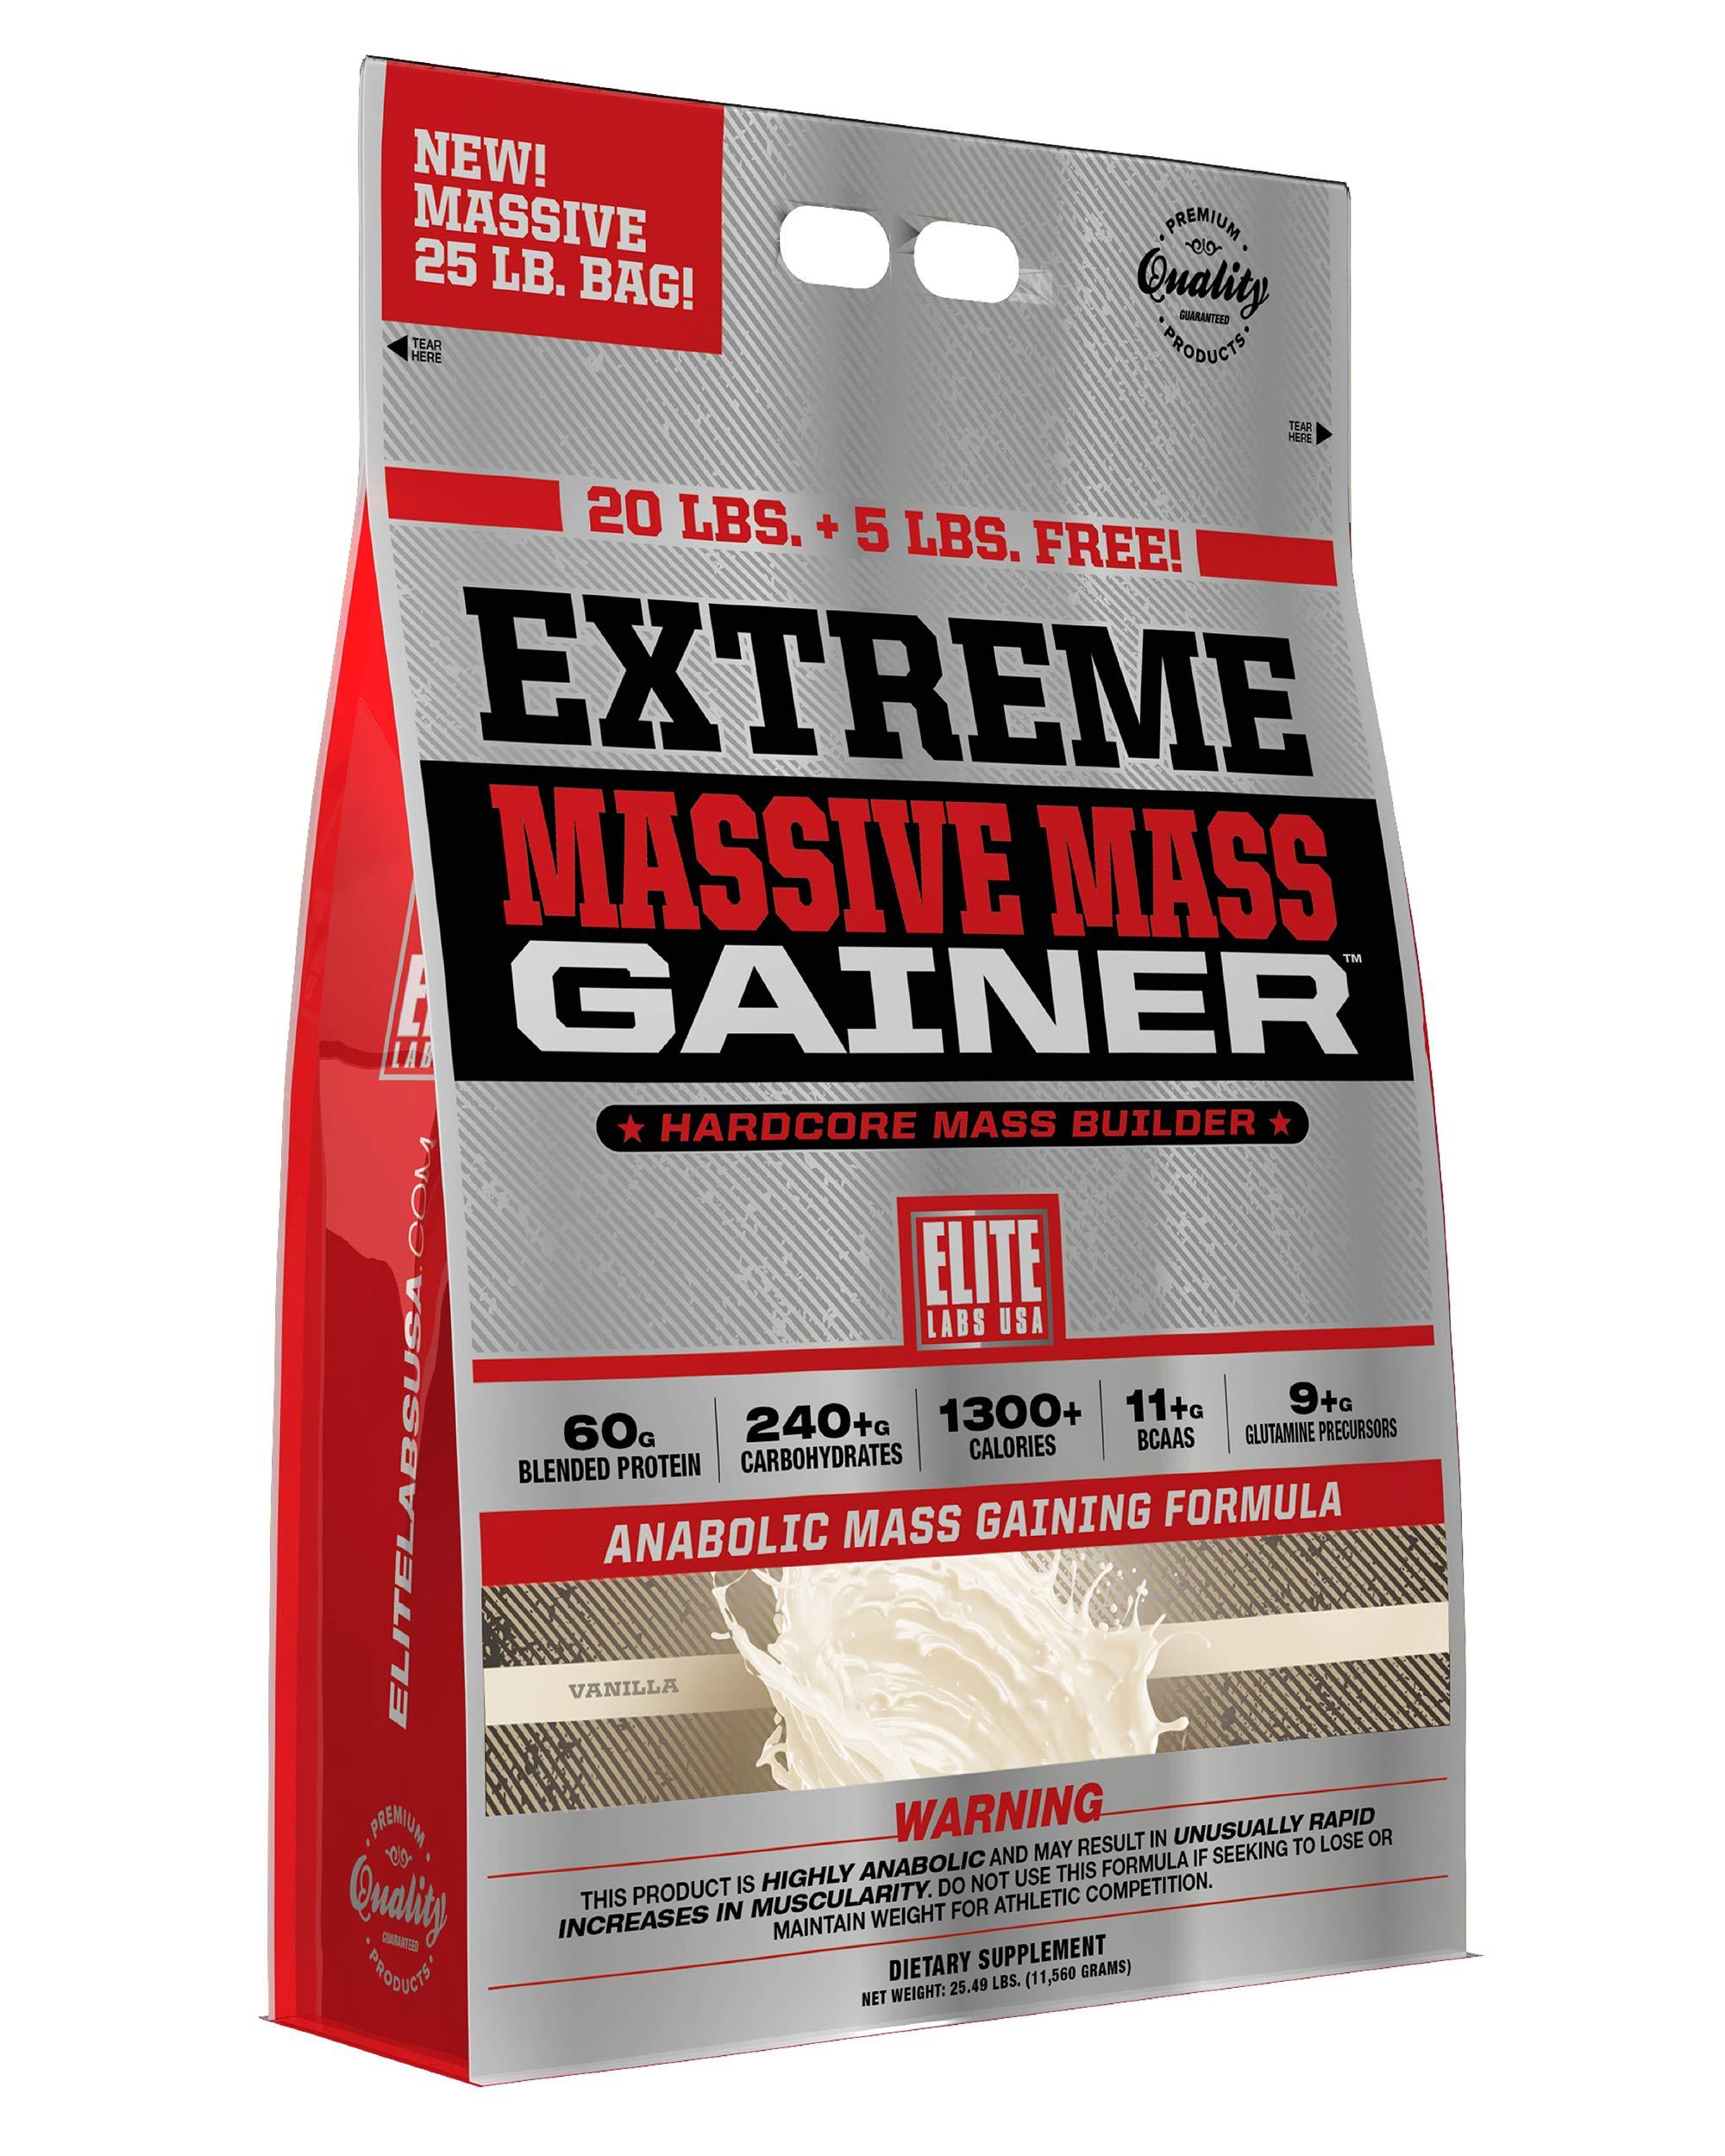 Elite Labs USA Extreme Massive Mass Gainer 25 Pound, Vanilla